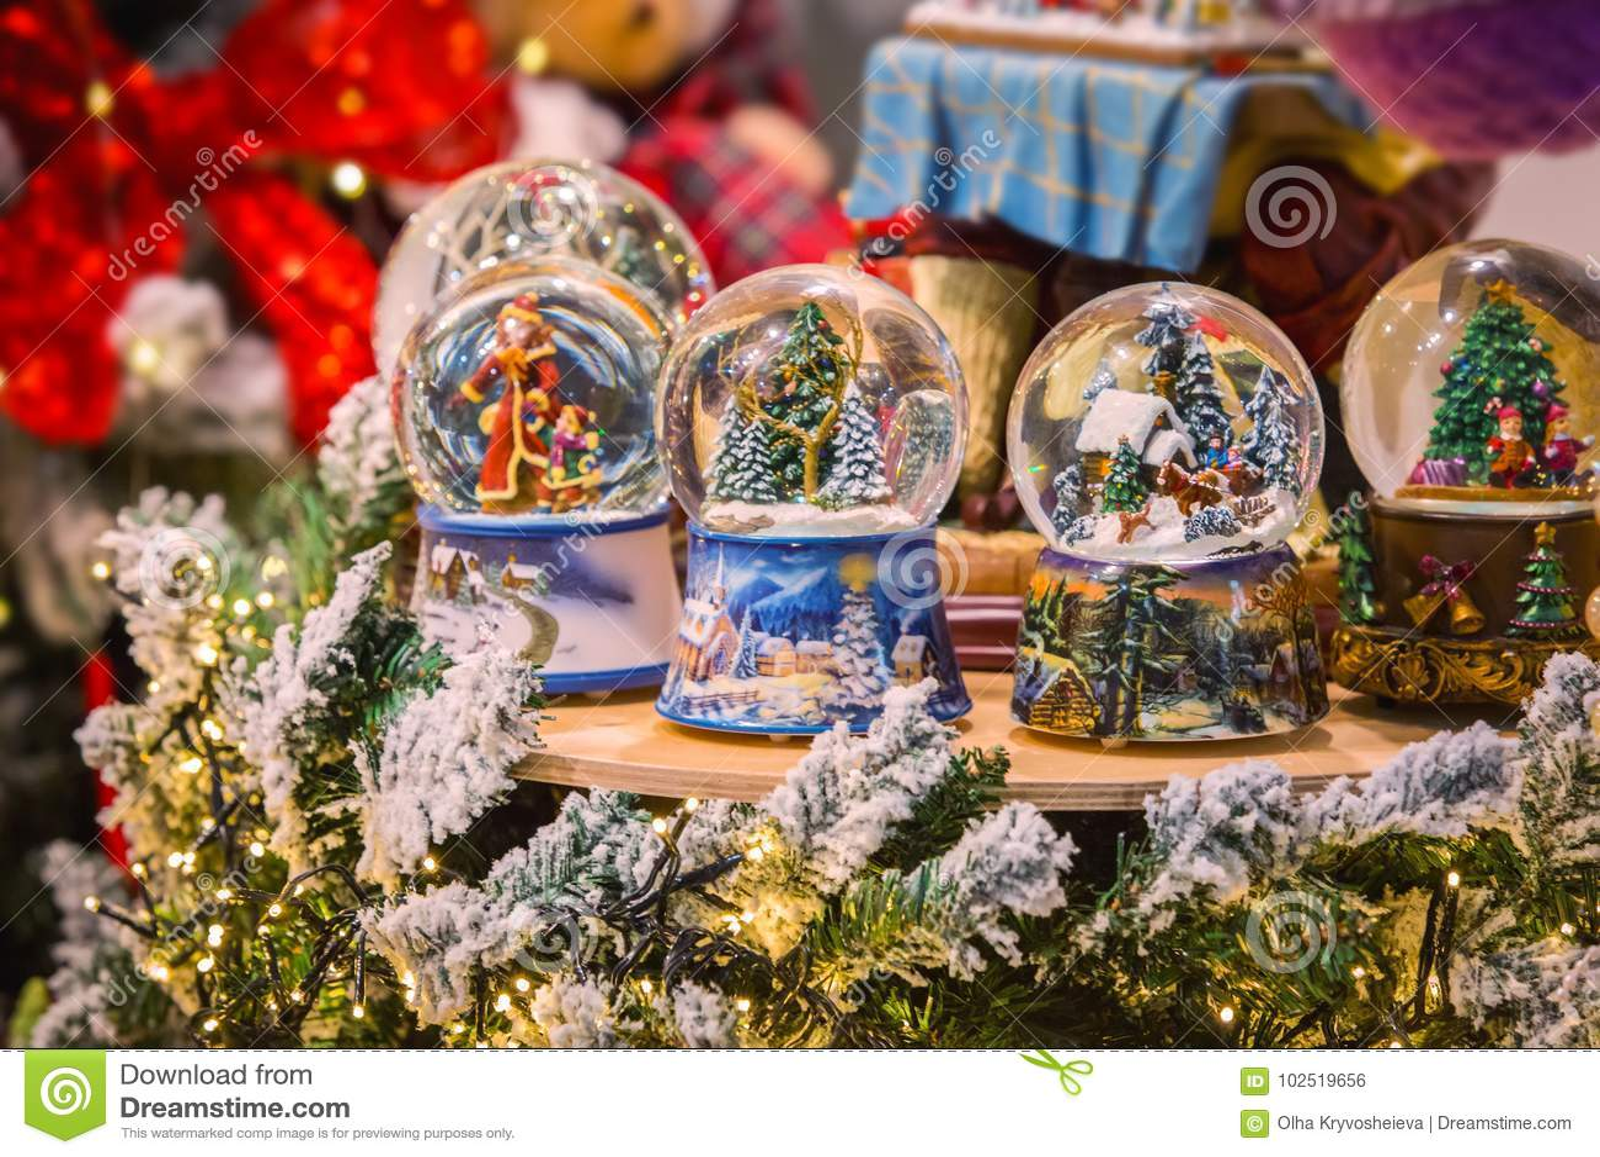 圣诞节玻璃雪球地球与新年戏弄装饰